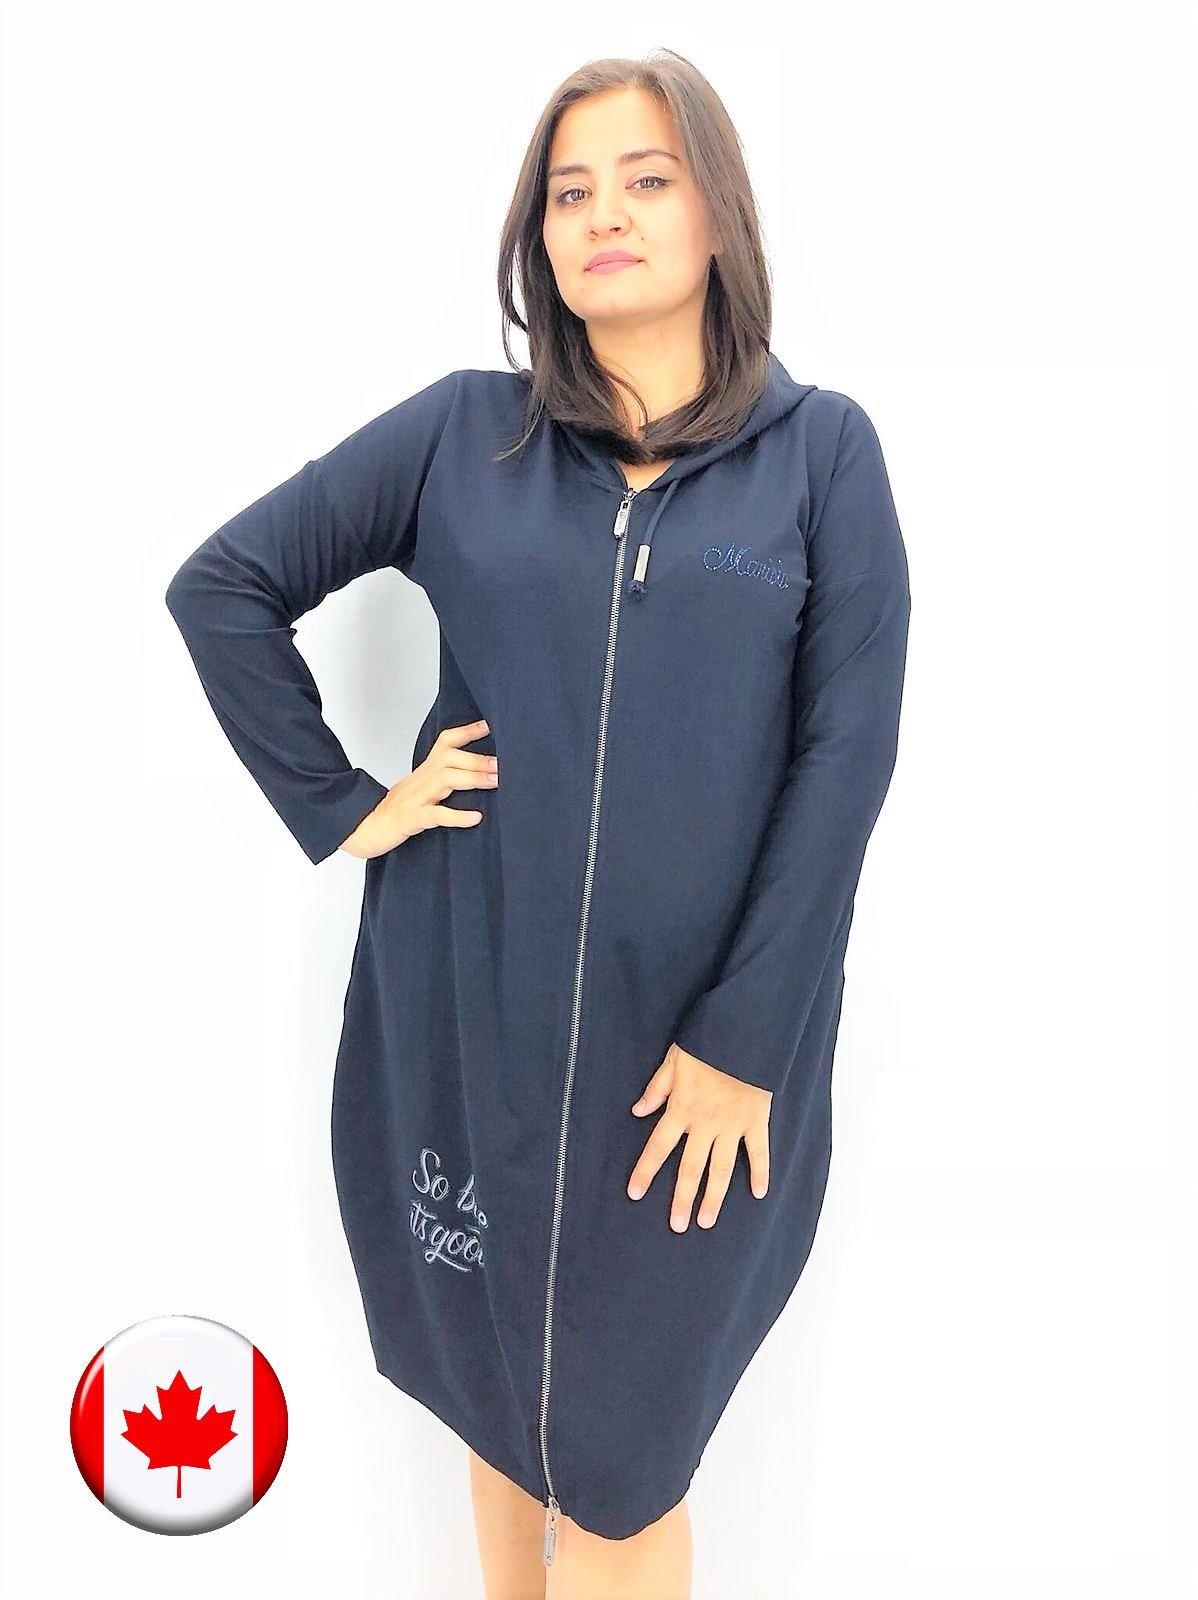 7850d67734f Женская одежда больших размеров для полных Магазин женской одежды в Сочи и  Адлере - КАНАДА. Женская одежда больших размеров для полных